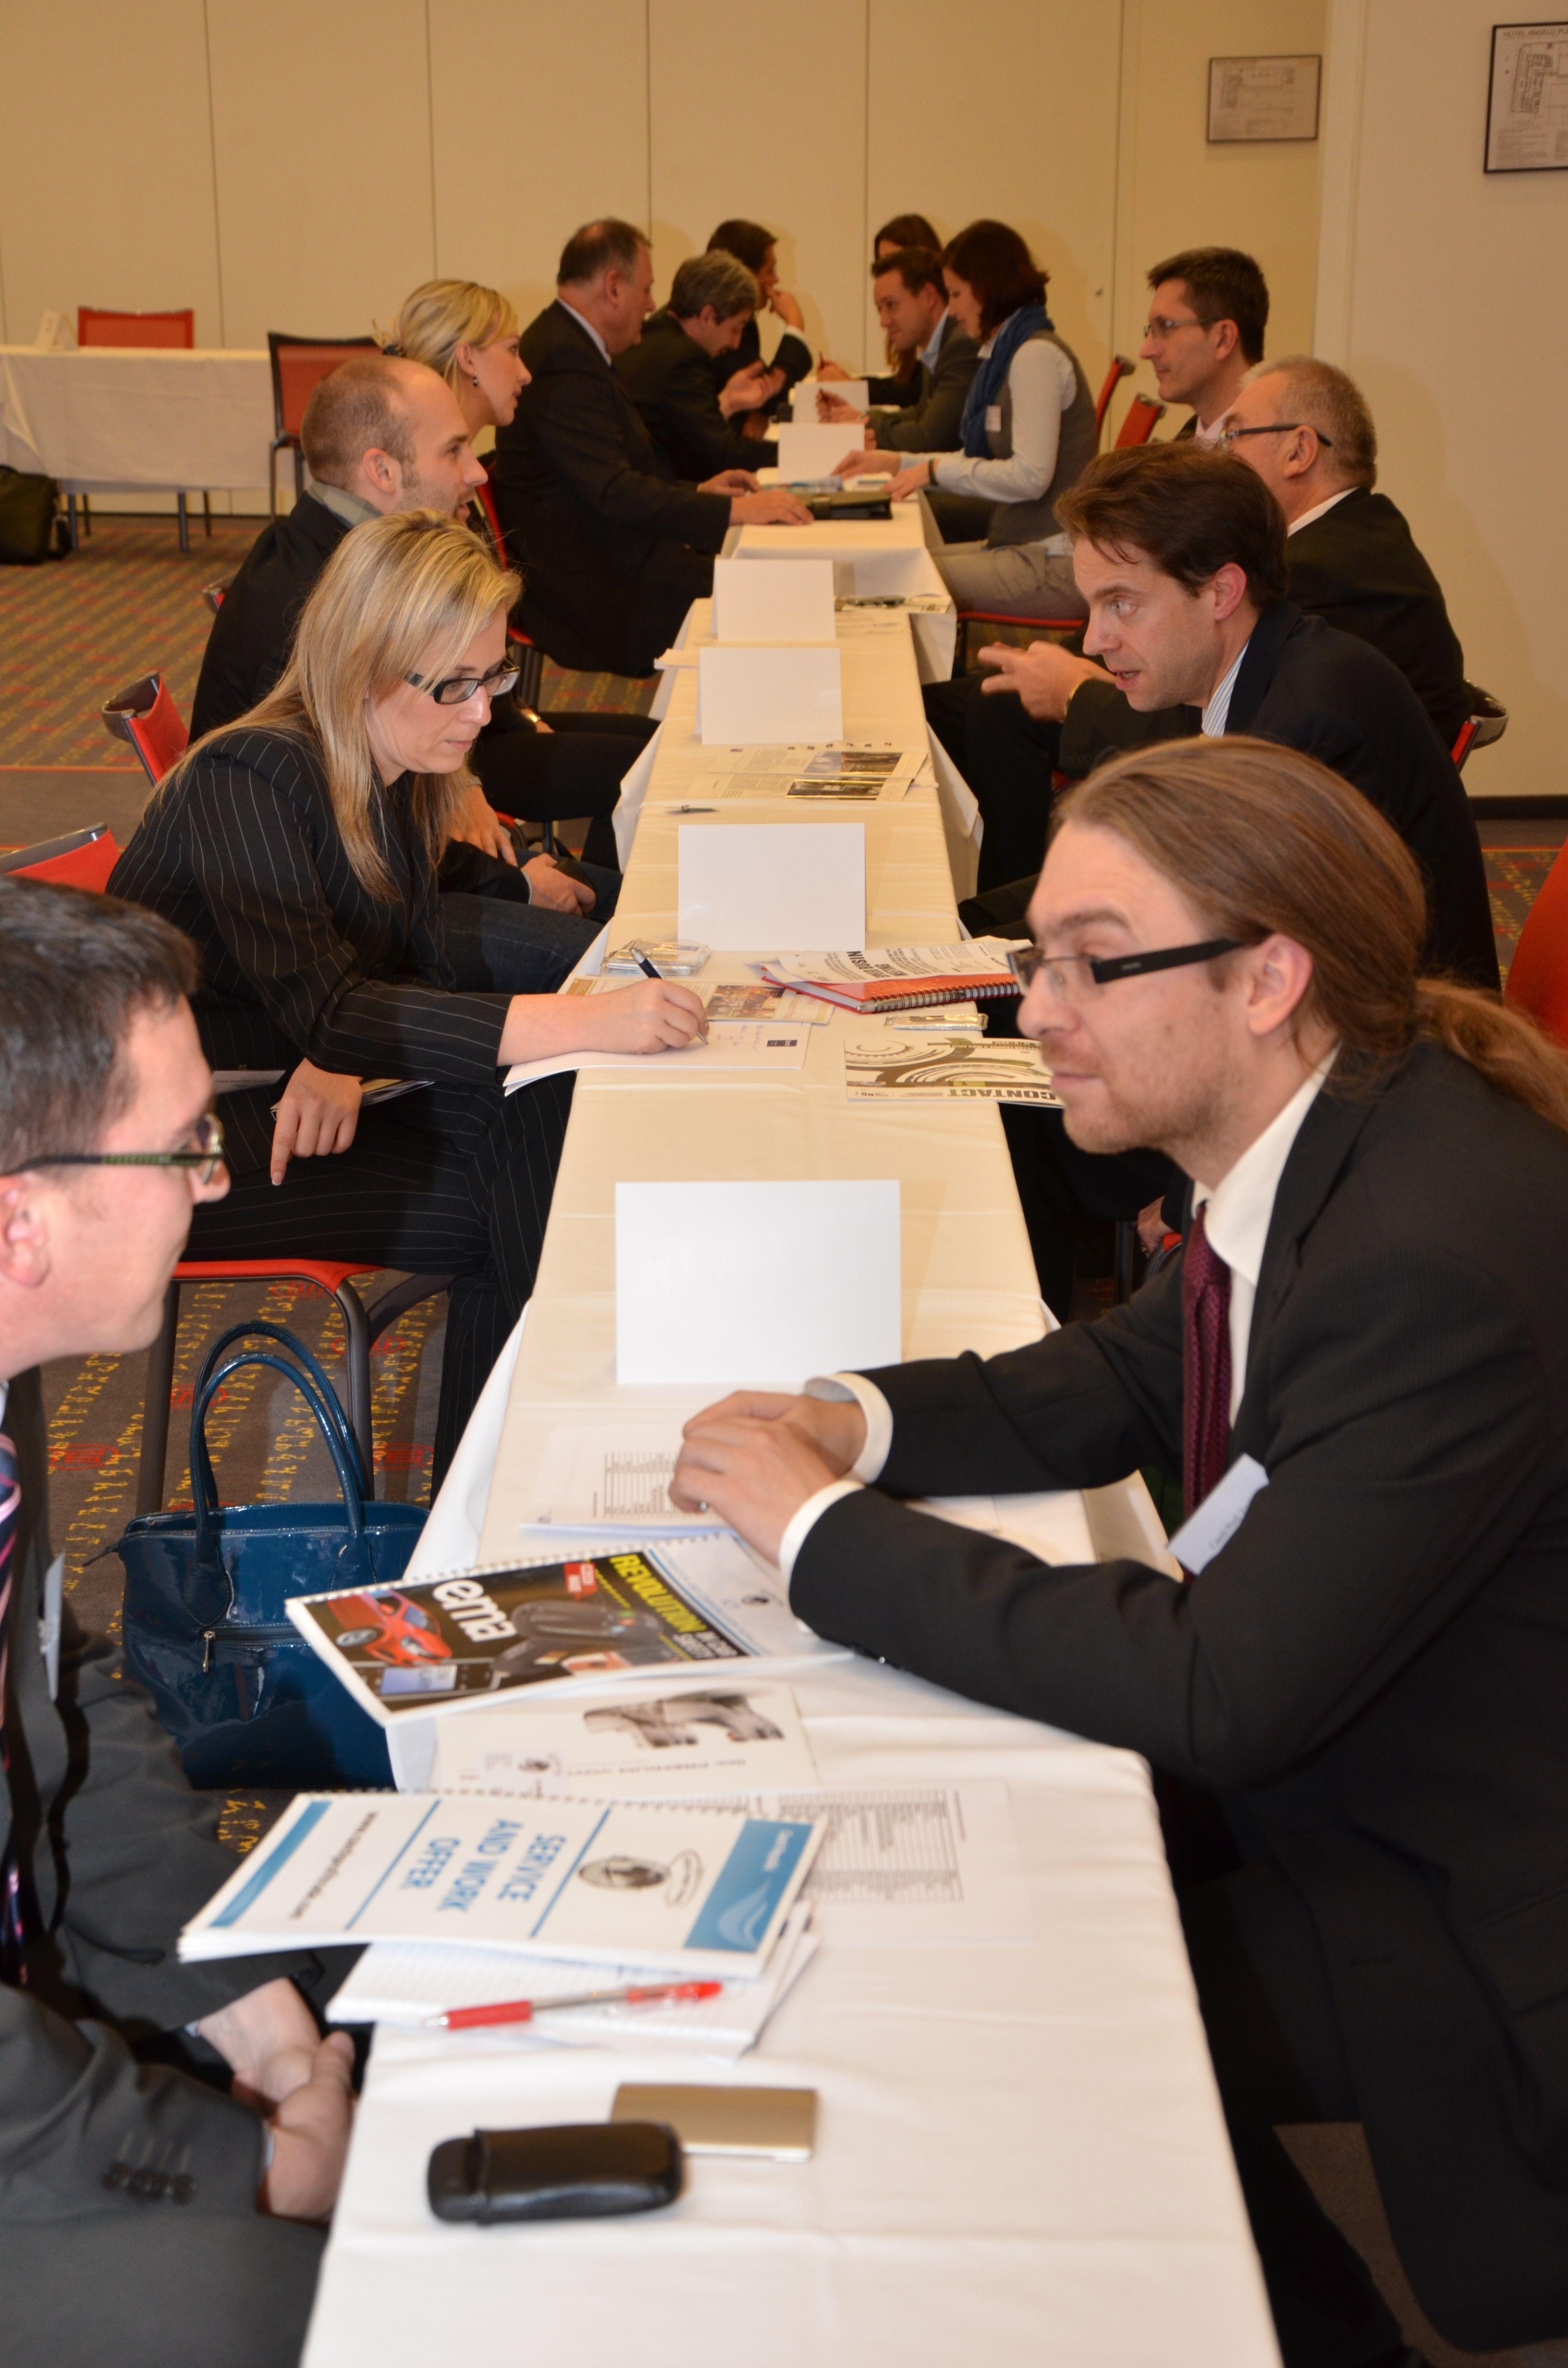 Galerie de photos : Speed Business Meeting à Plzeň